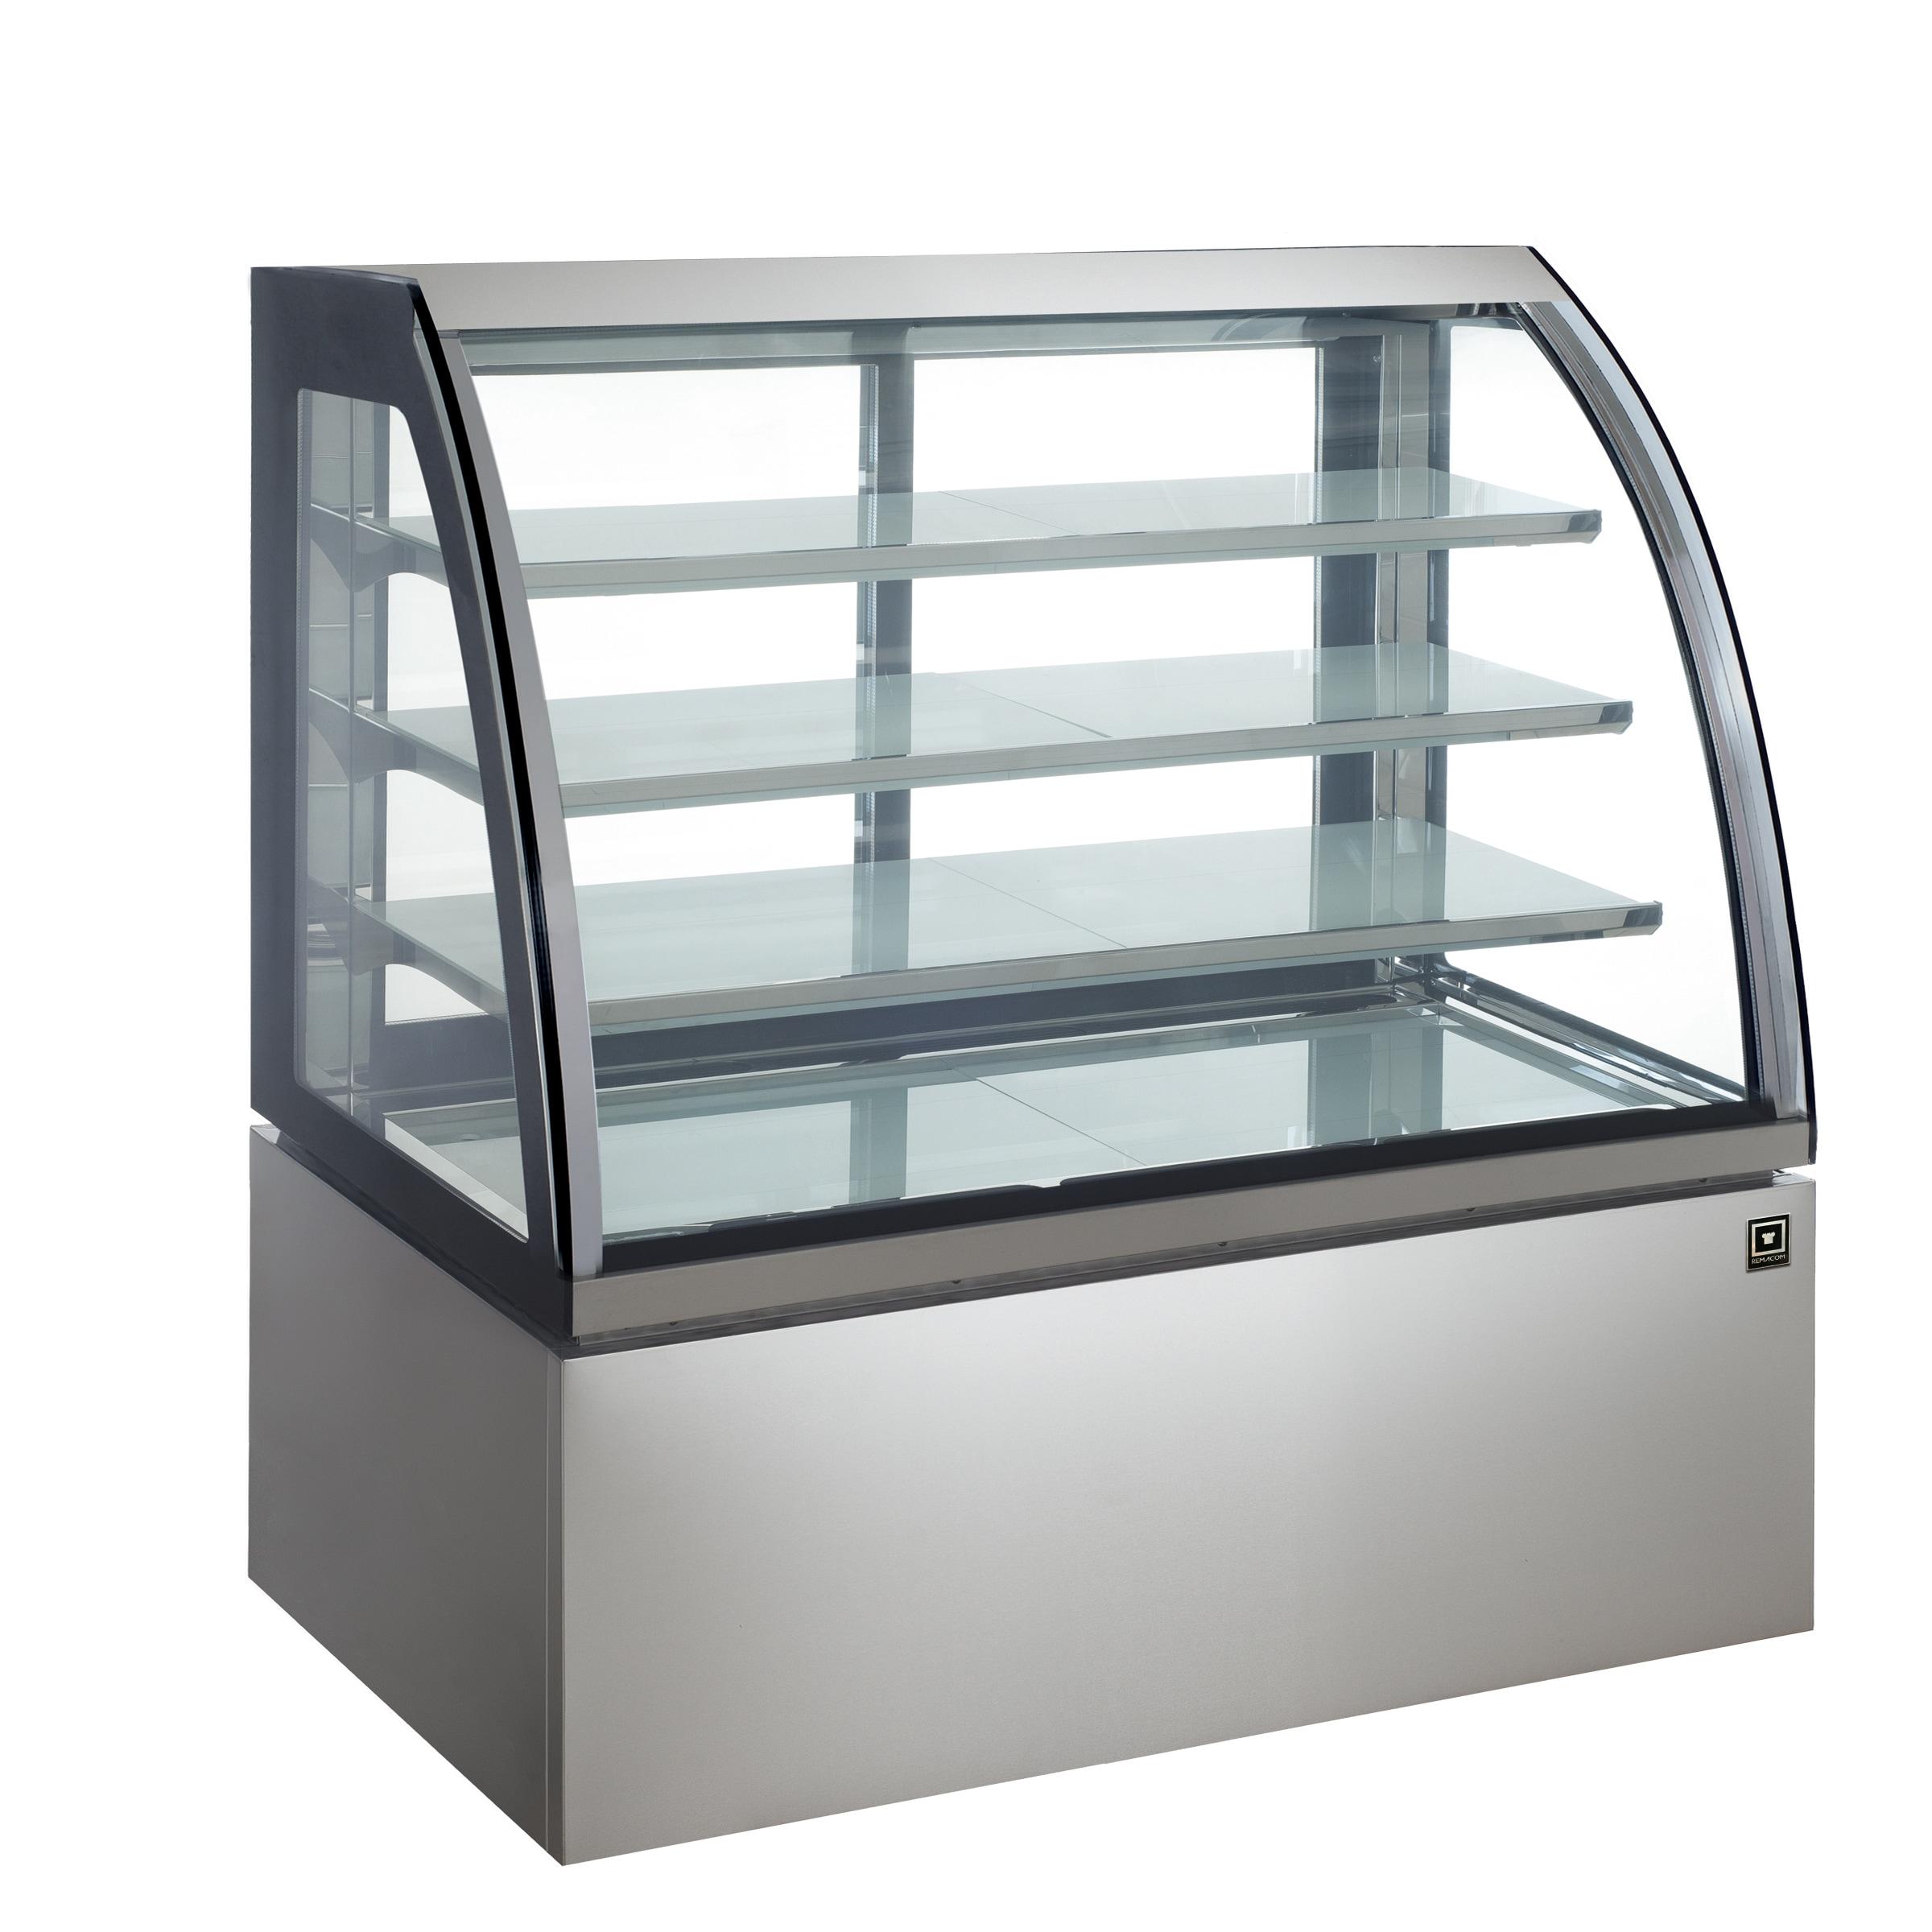 対面冷蔵ショーケース LED仕様 4段(中棚3段)幅1200mmタイプ RCS-K120S3L